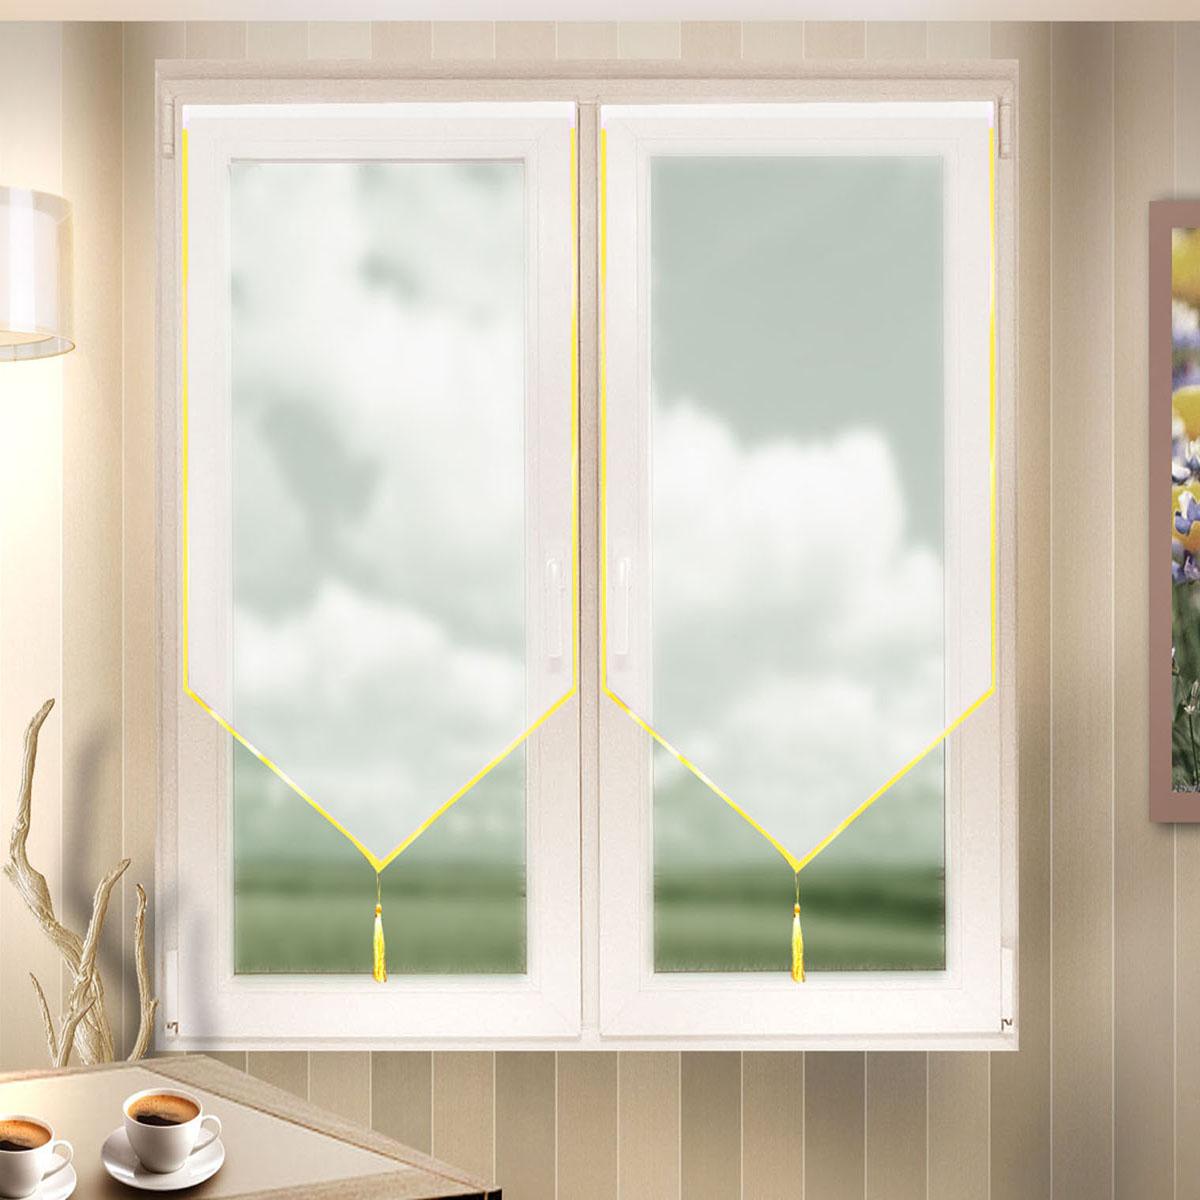 Гардина Zlata Korunka, на липкой ленте, цвет: белый, высота 140 см. 666022666022Лучшая альтернатива рулонным шторам на кухне – шторы на липкой ленте. Особенность этих штор заключается в том, что они имеют липкую основу в месте крепления. Лента или основа надежно и быстро крепится на раму окна, а на нее фиксируется сама штора. Гардина на липкой ленте Zlata Korunka, изготовленная из легкого полиэстера, станет великолепнымукрашением любого окна. Полотно из белой вуали с печатным рисунком привлечет ксебе внимание и органично впишется в интерьер комнаты. Крепление на липкой ленте, не требующее сверления стен и карниза. Многоразовое и мгновенное крепление.